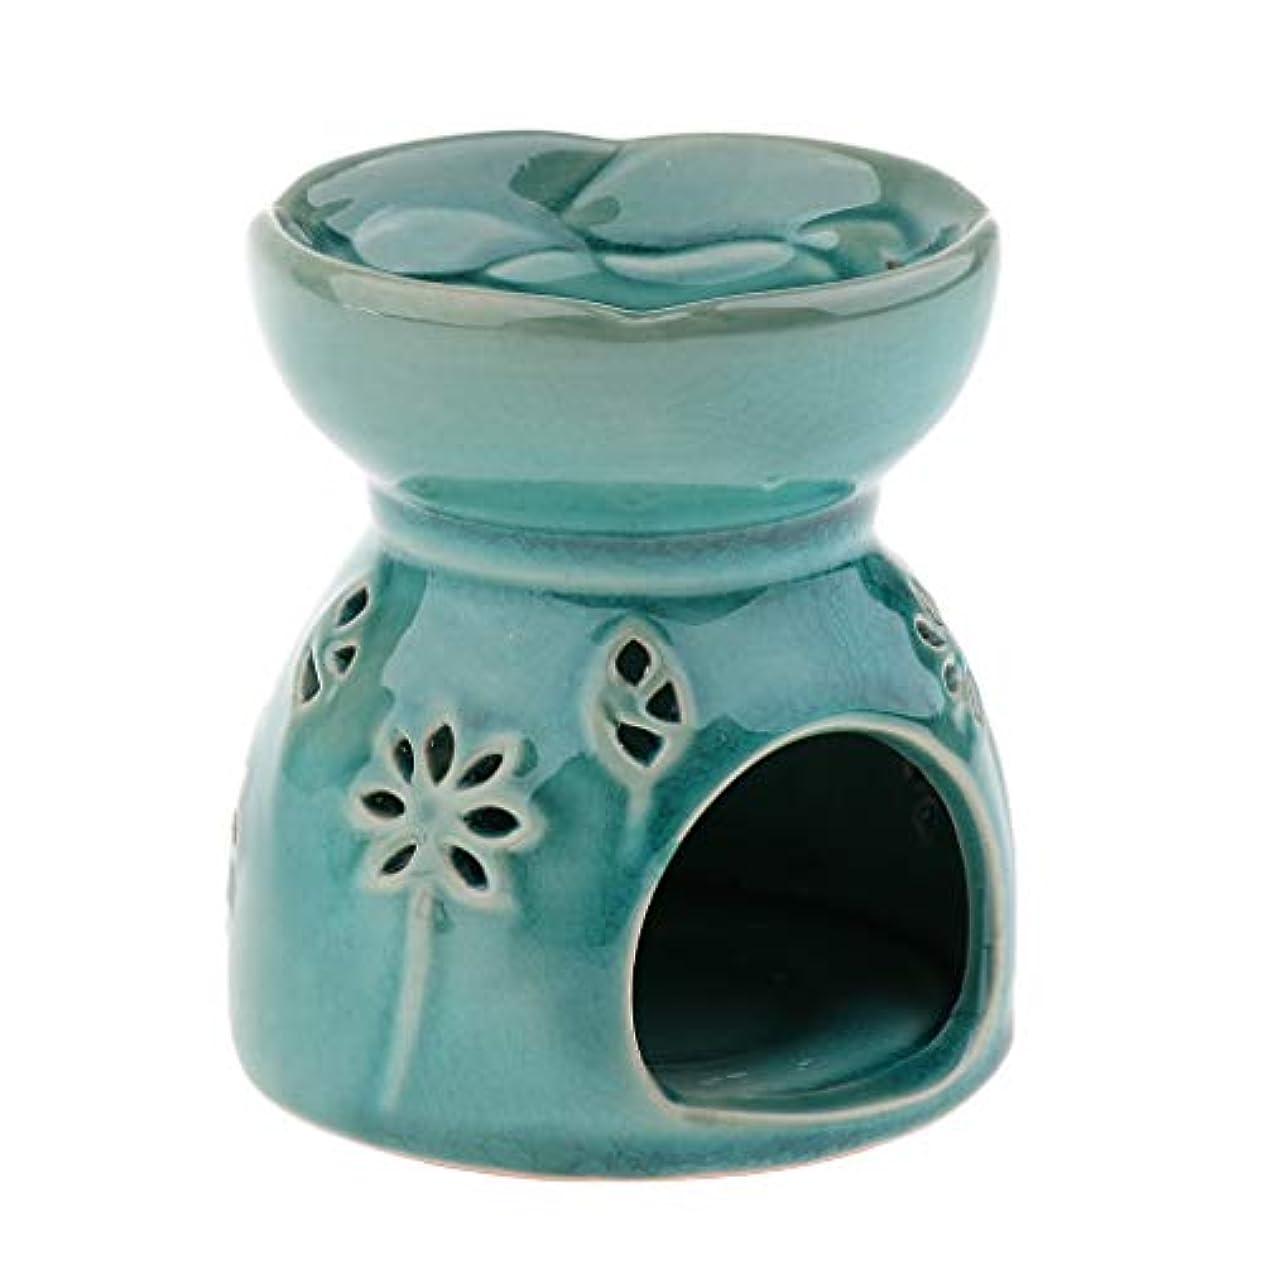 唯物論祈りプラットフォームFenteer アロマ エッセンシャルオイル バーナー ディフューザー セラミック 装飾 置物 実用的 全2色 - 青